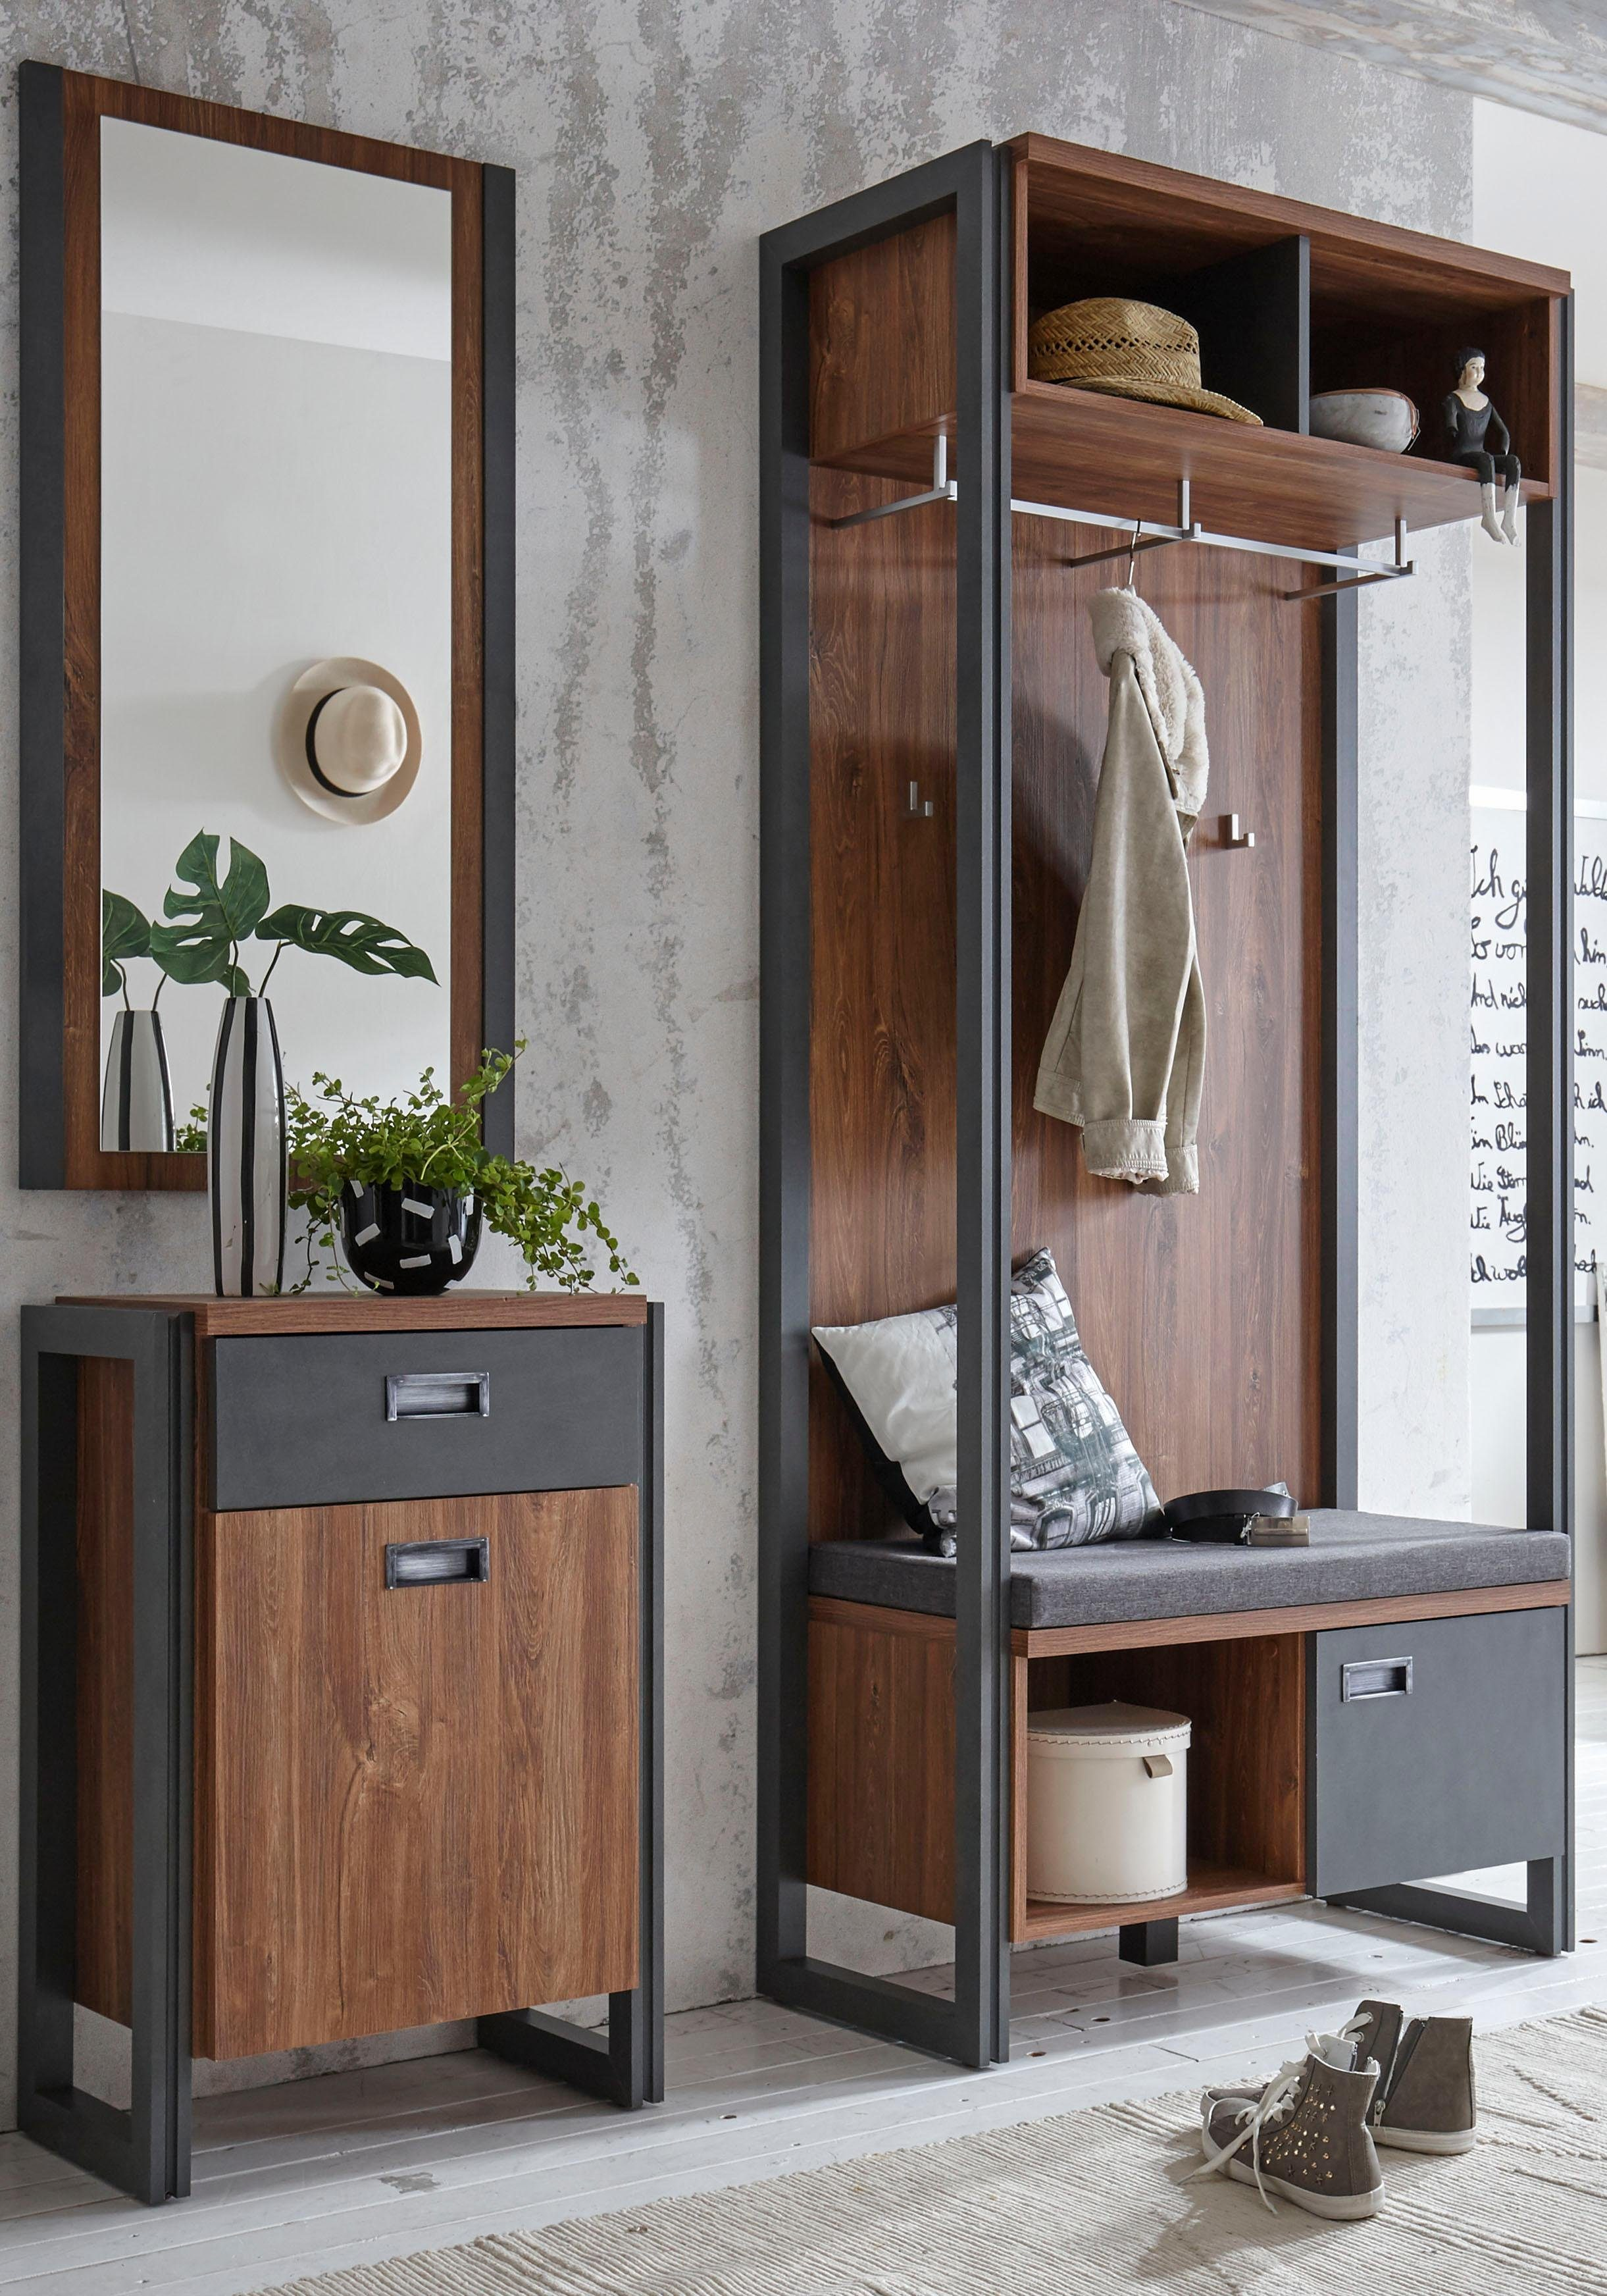 kapstok kopen meer dan 280 verschillende kapstokken otto. Black Bedroom Furniture Sets. Home Design Ideas